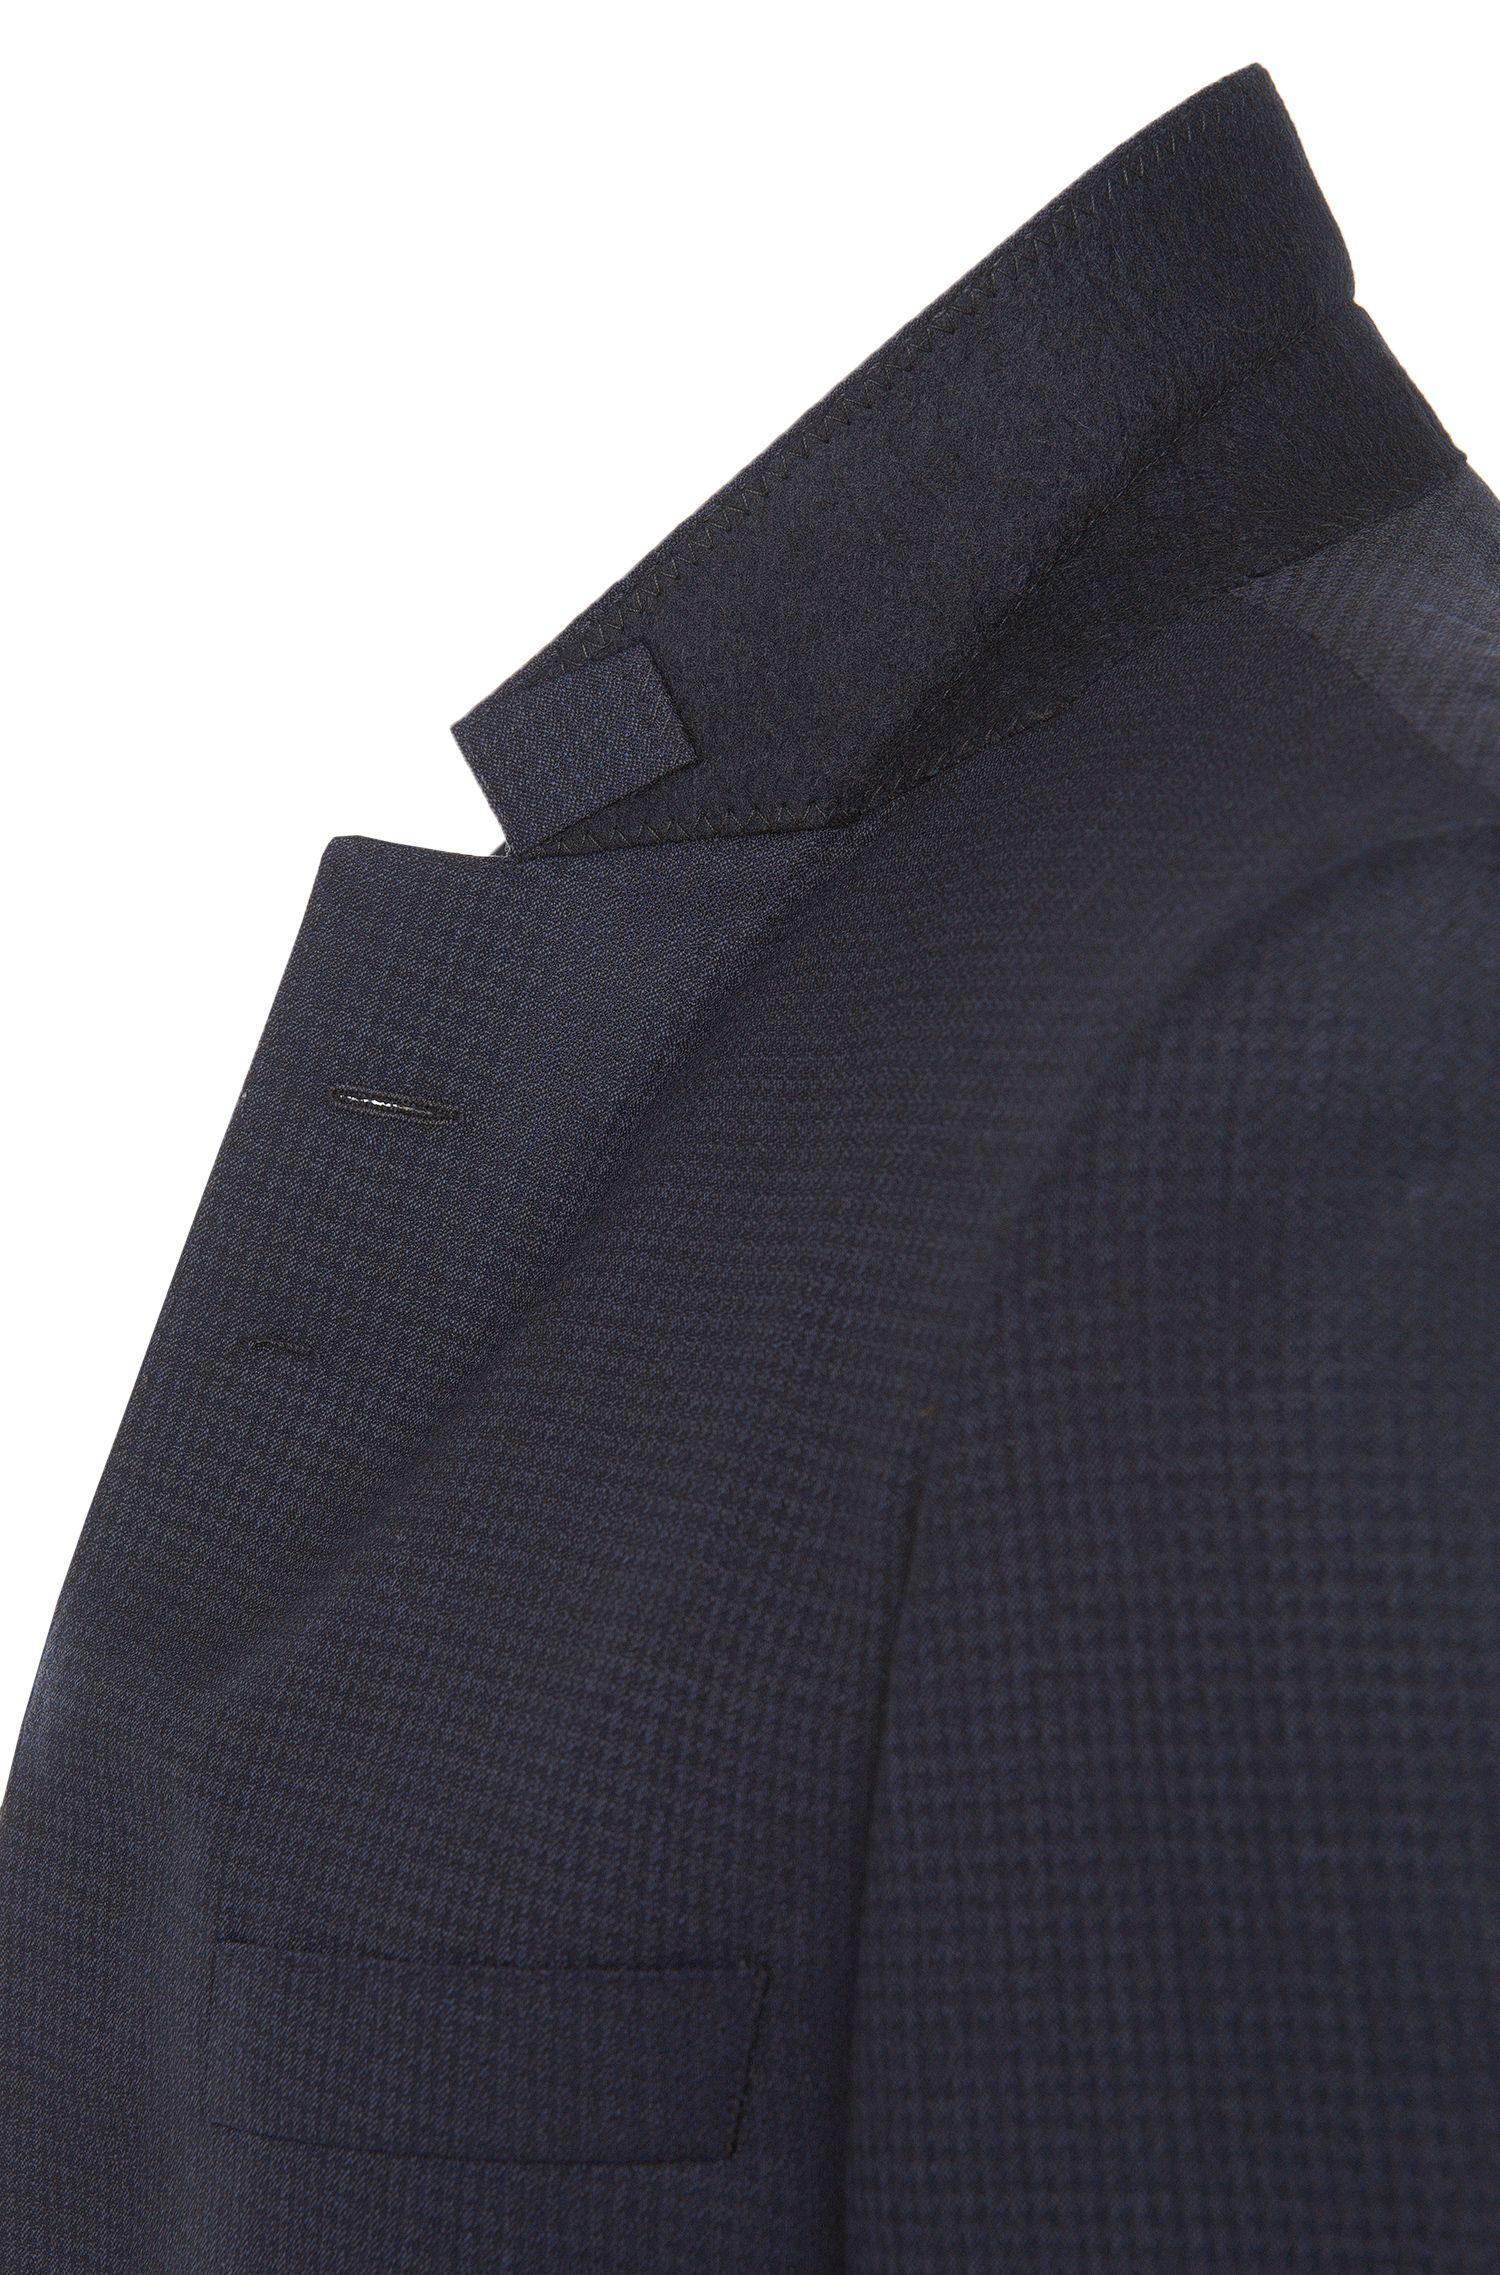 Extra Slim-Fit Tailored Anzug aus Schurwoll-Mix mit Seiden-Anteil: 'T-Reeve1/Wain'